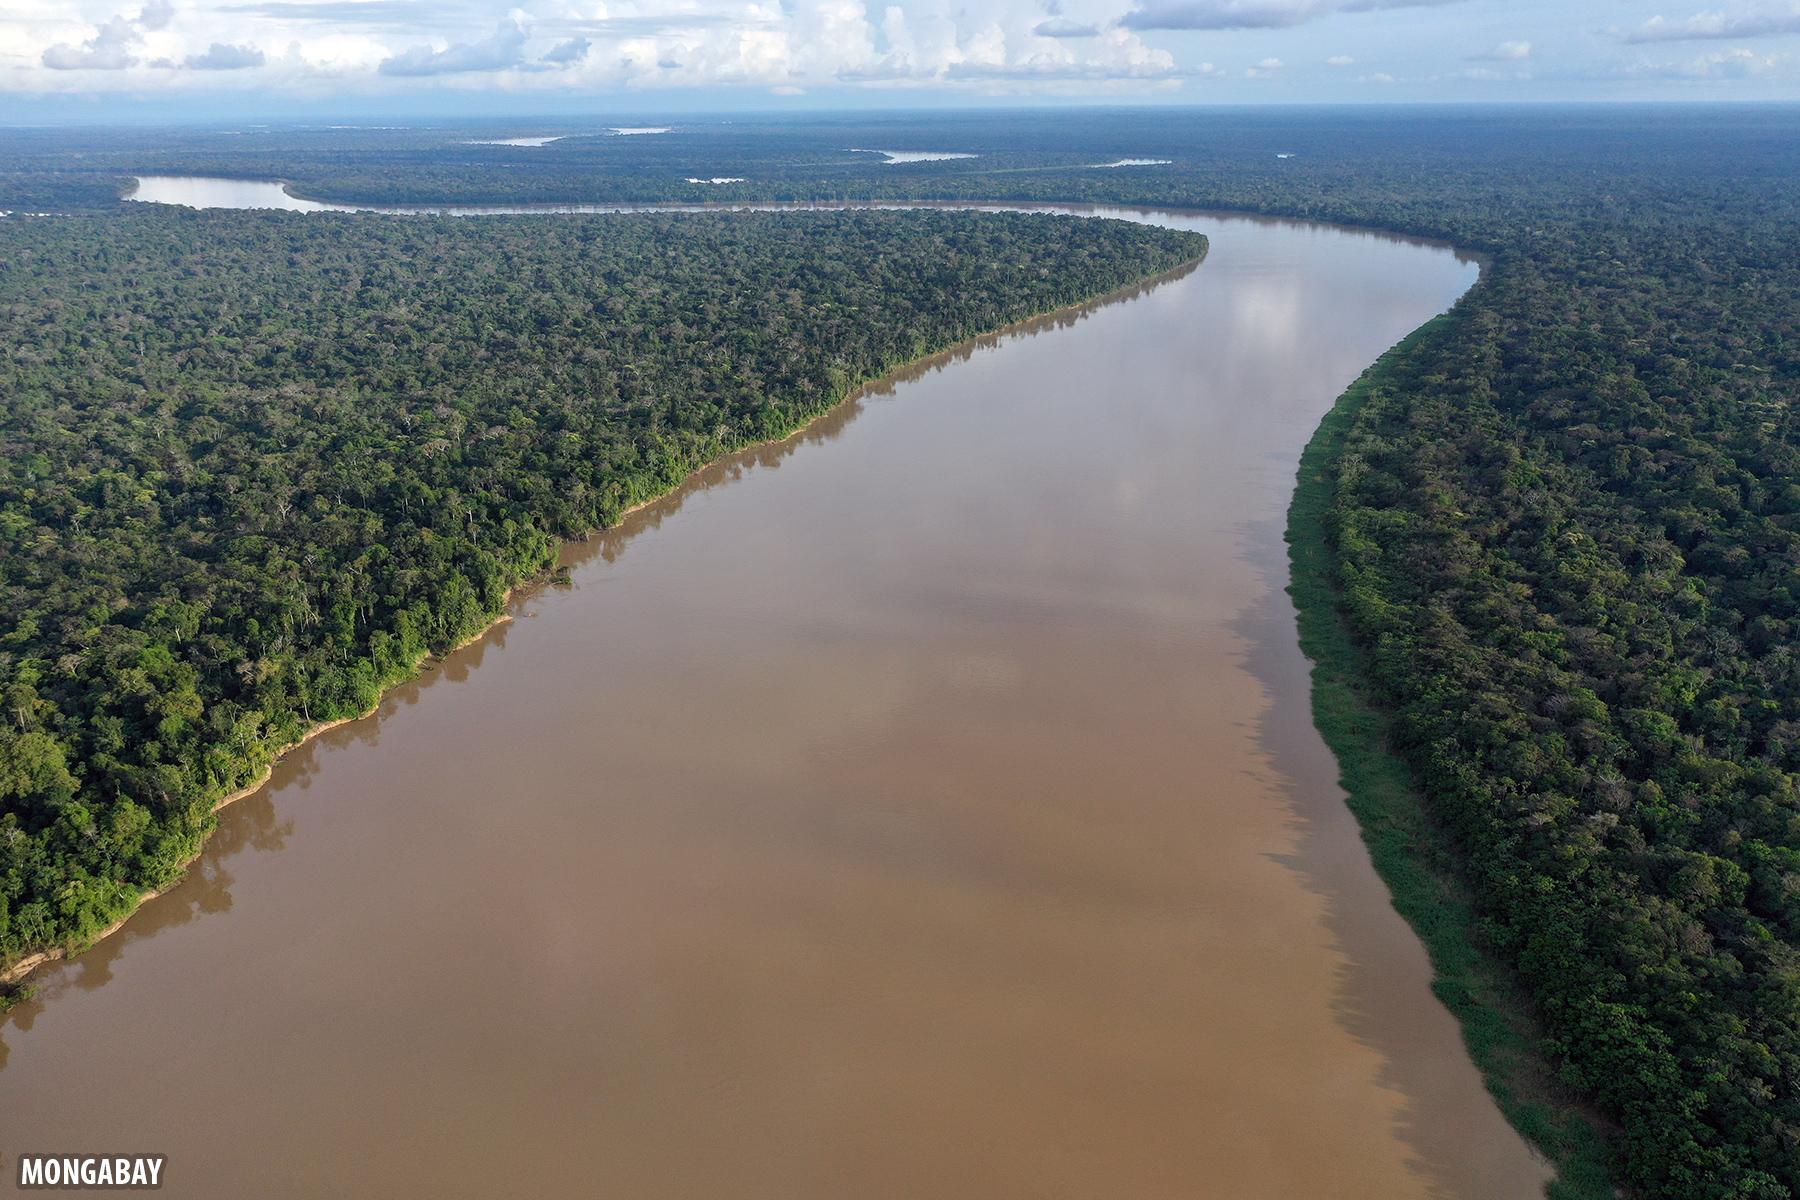 Investimentos bilionários em petróleo aumentam ameaça à Amazônia